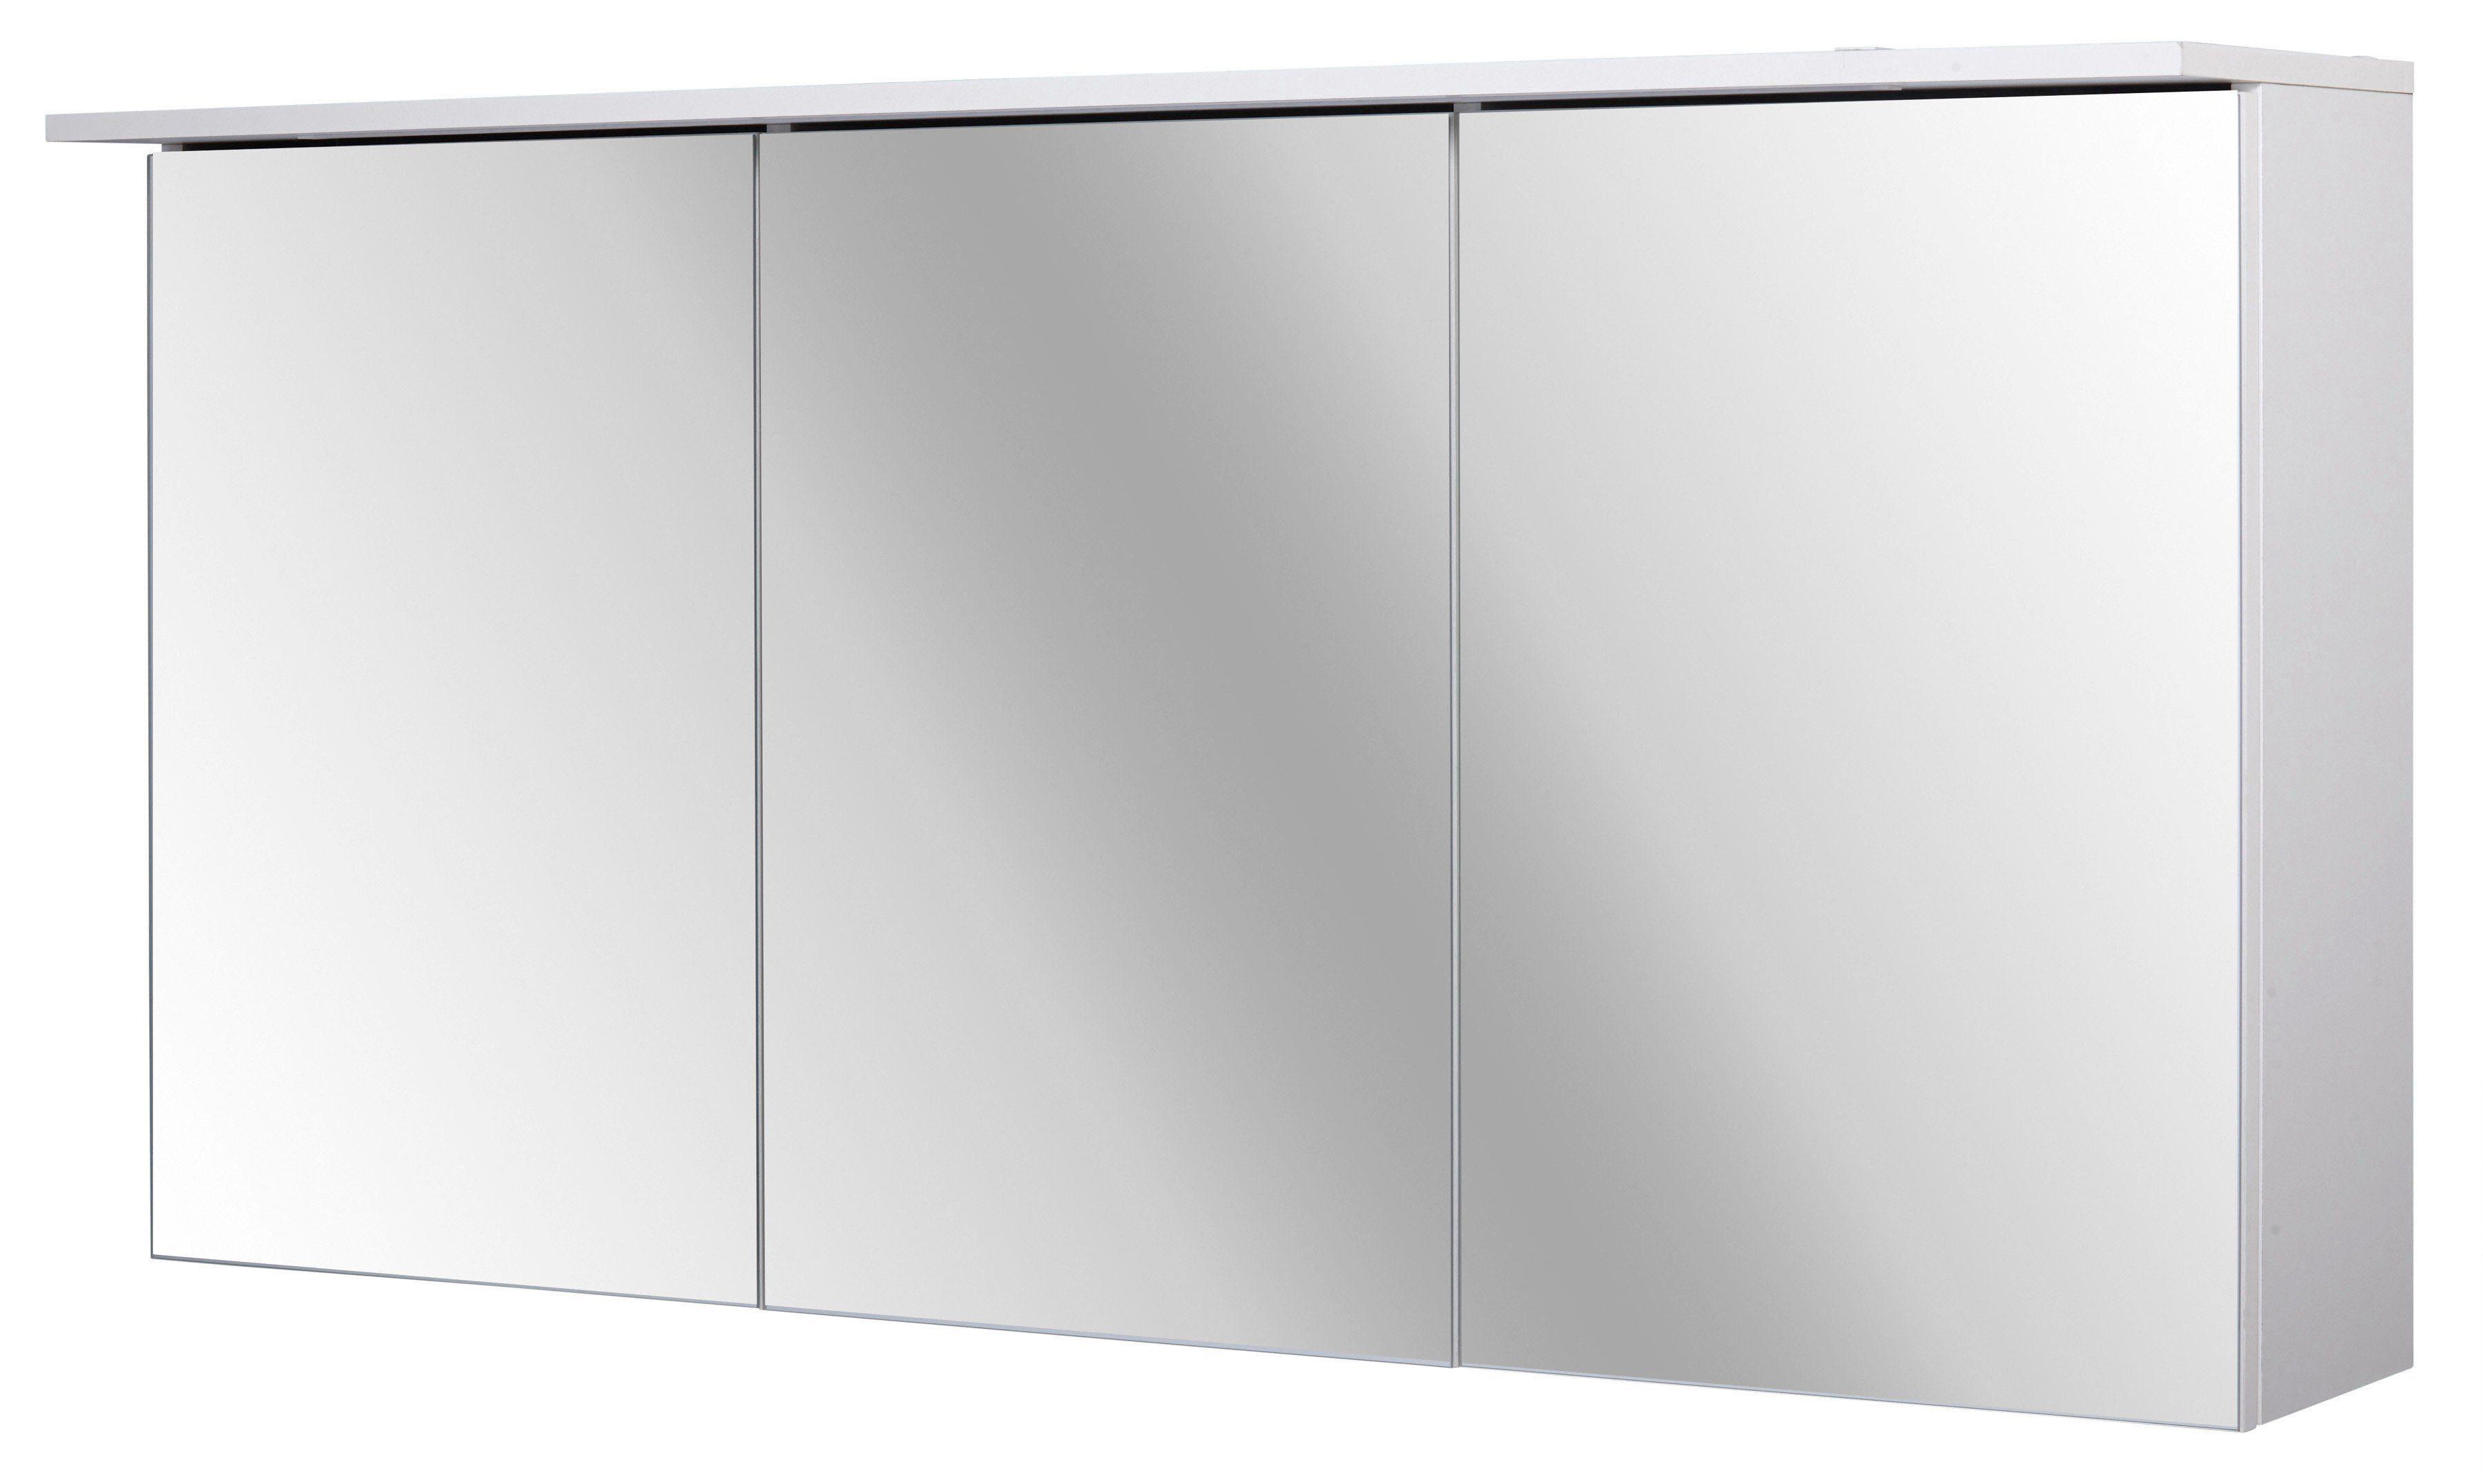 Kesper Spiegelschrank »Flex« Breite 120 cm, mit LED-Beleuchtung